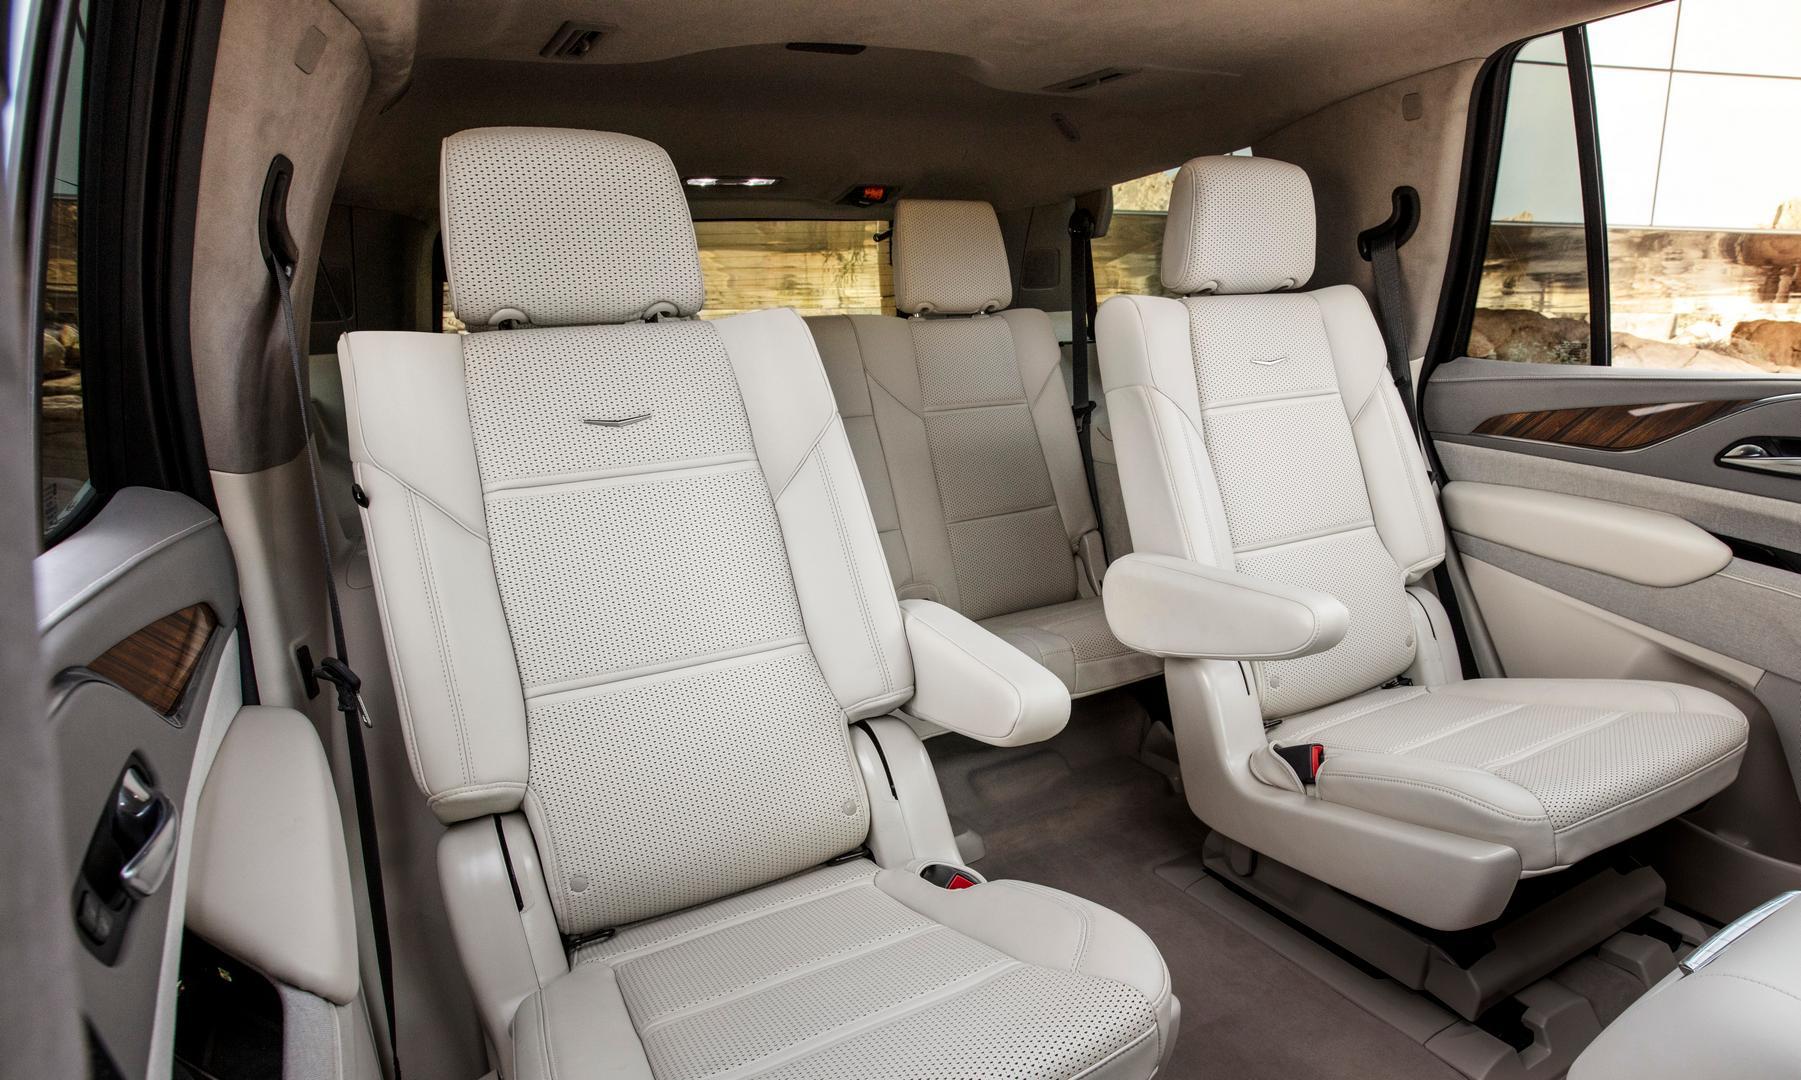 2021 Cadillac Escalade Seats